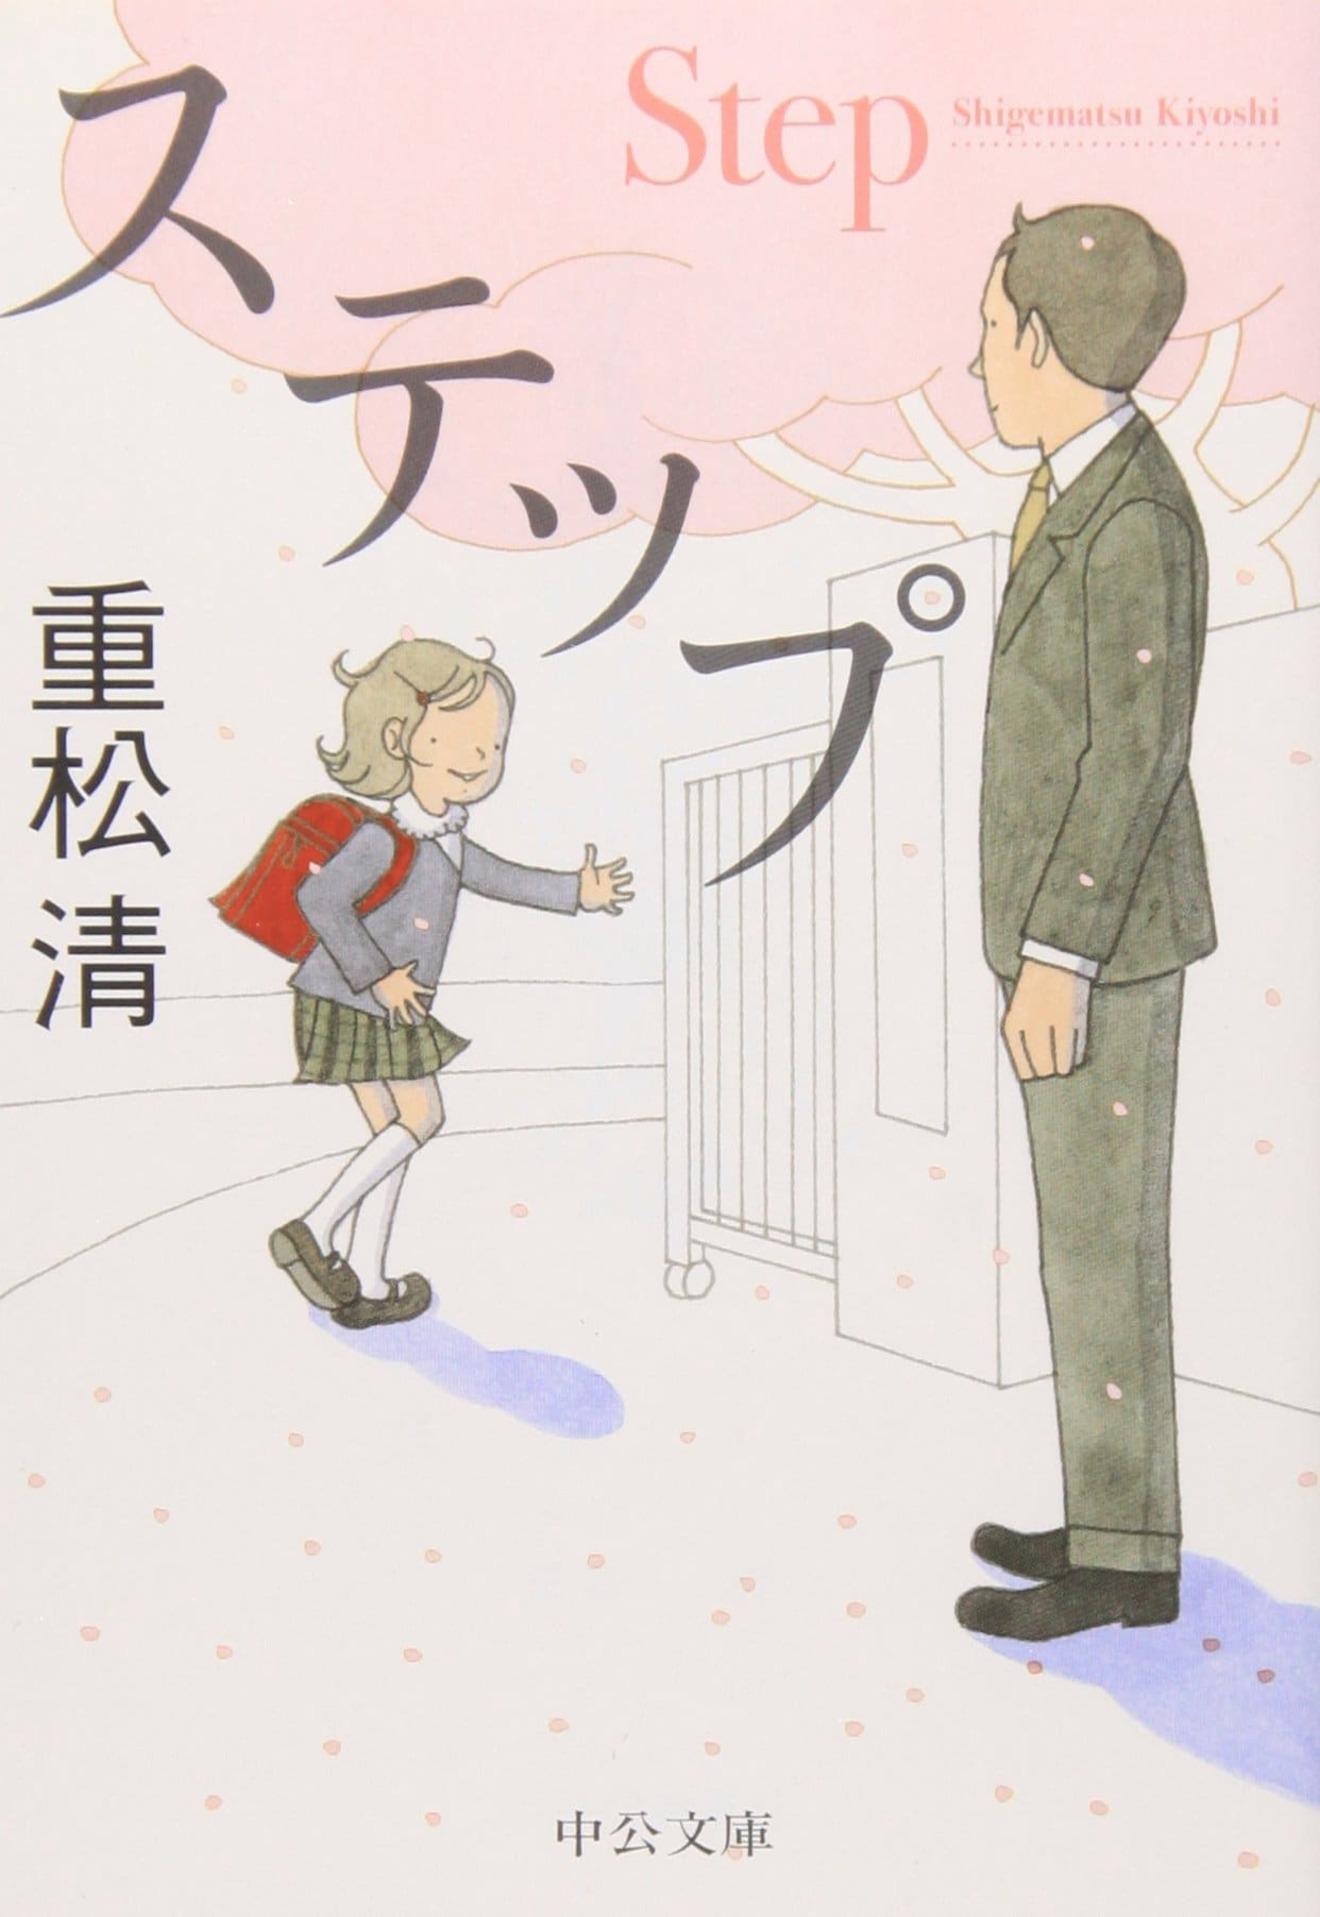 『ステップ』重松清が描く「残された人」の物語。泣ける小説が映画化【ネタバレ注意】